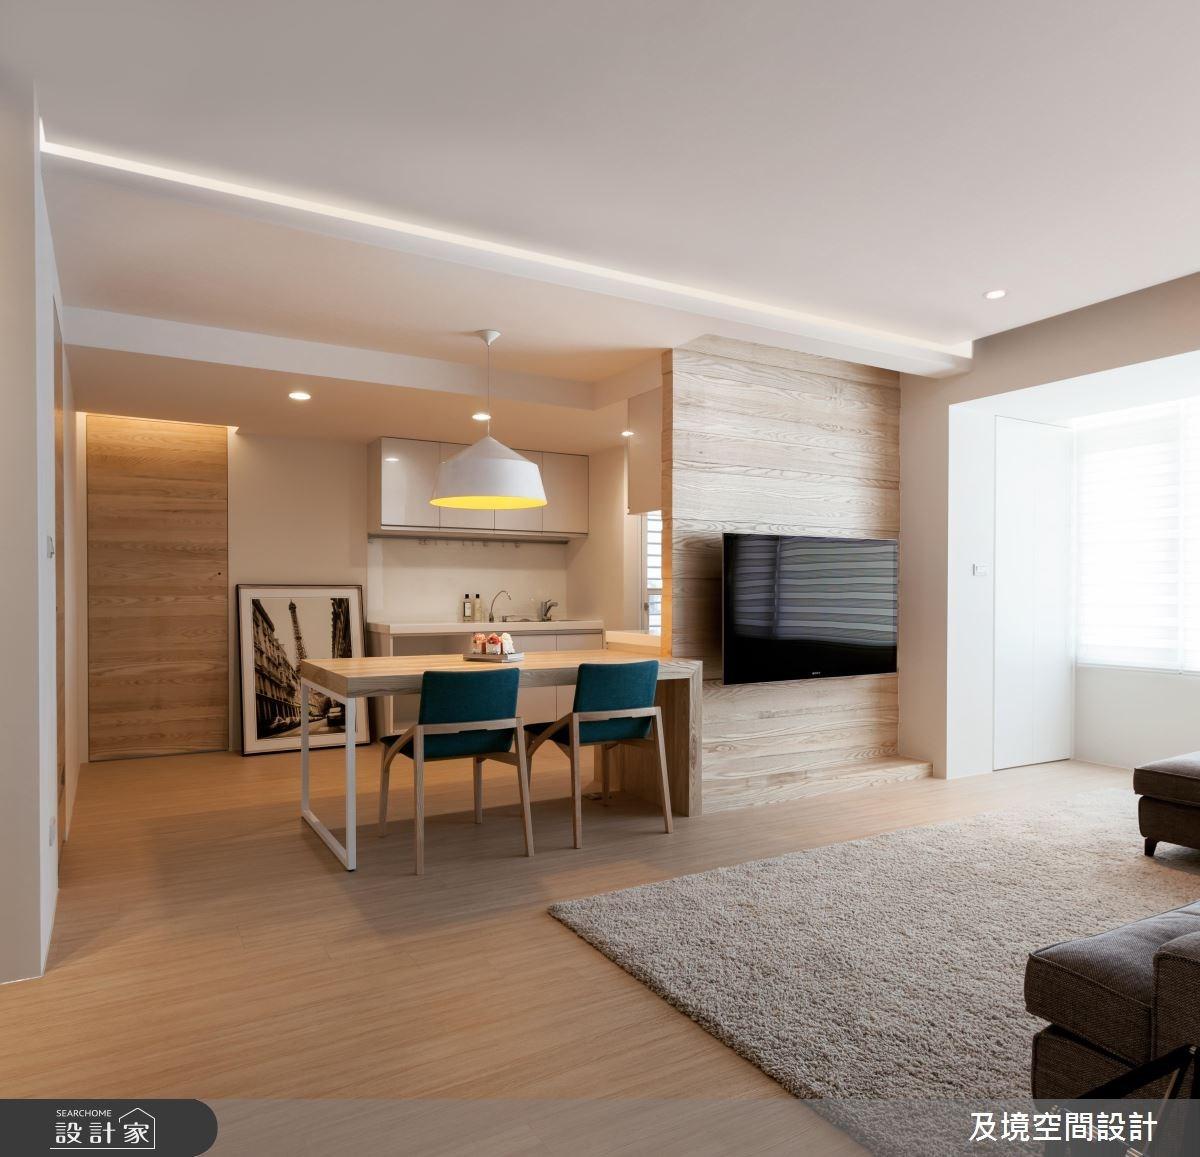 30坪老屋(16~30年)_日式無印風餐廳廚房案例圖片_及境空間設計有限公司_及境_06之4